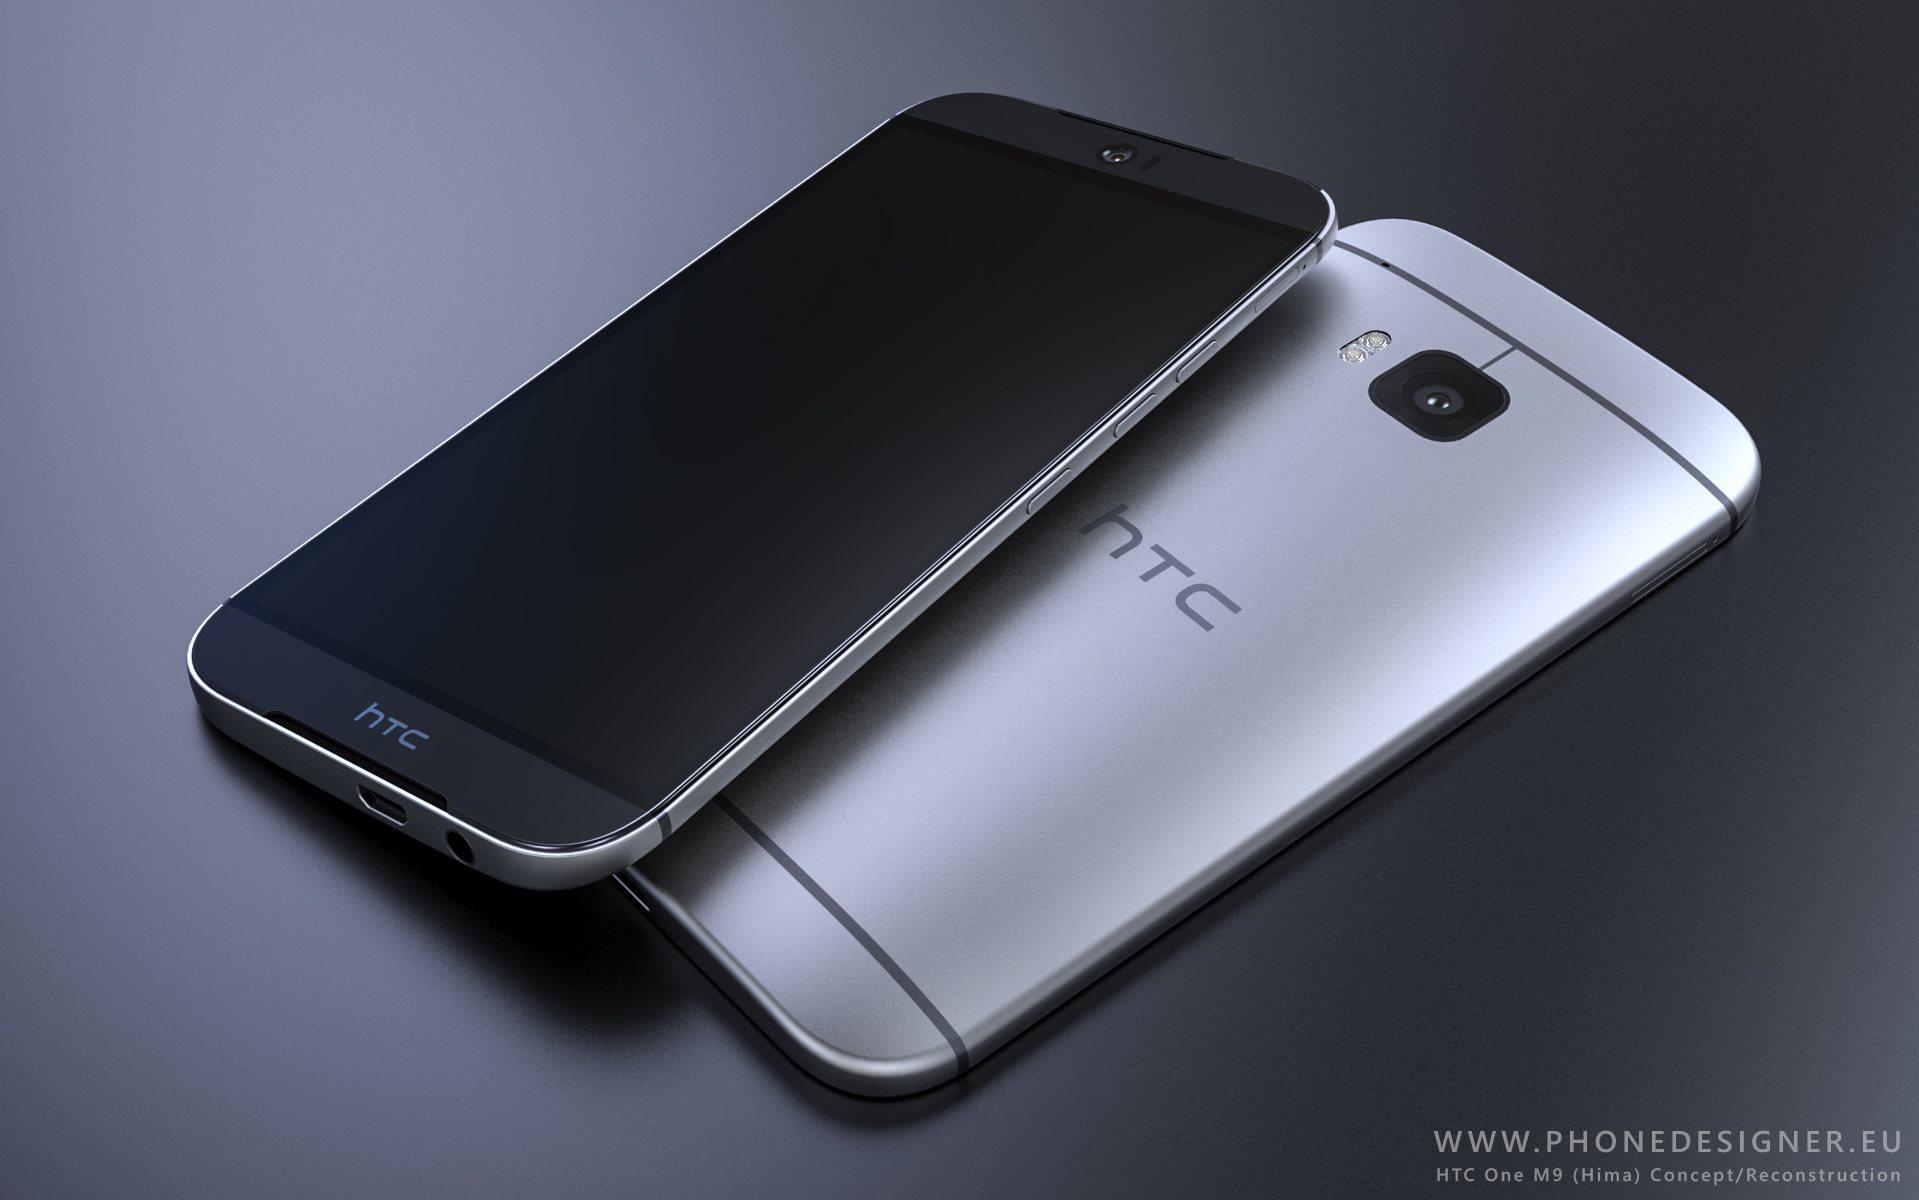 HTC-One-M9-renders(3)